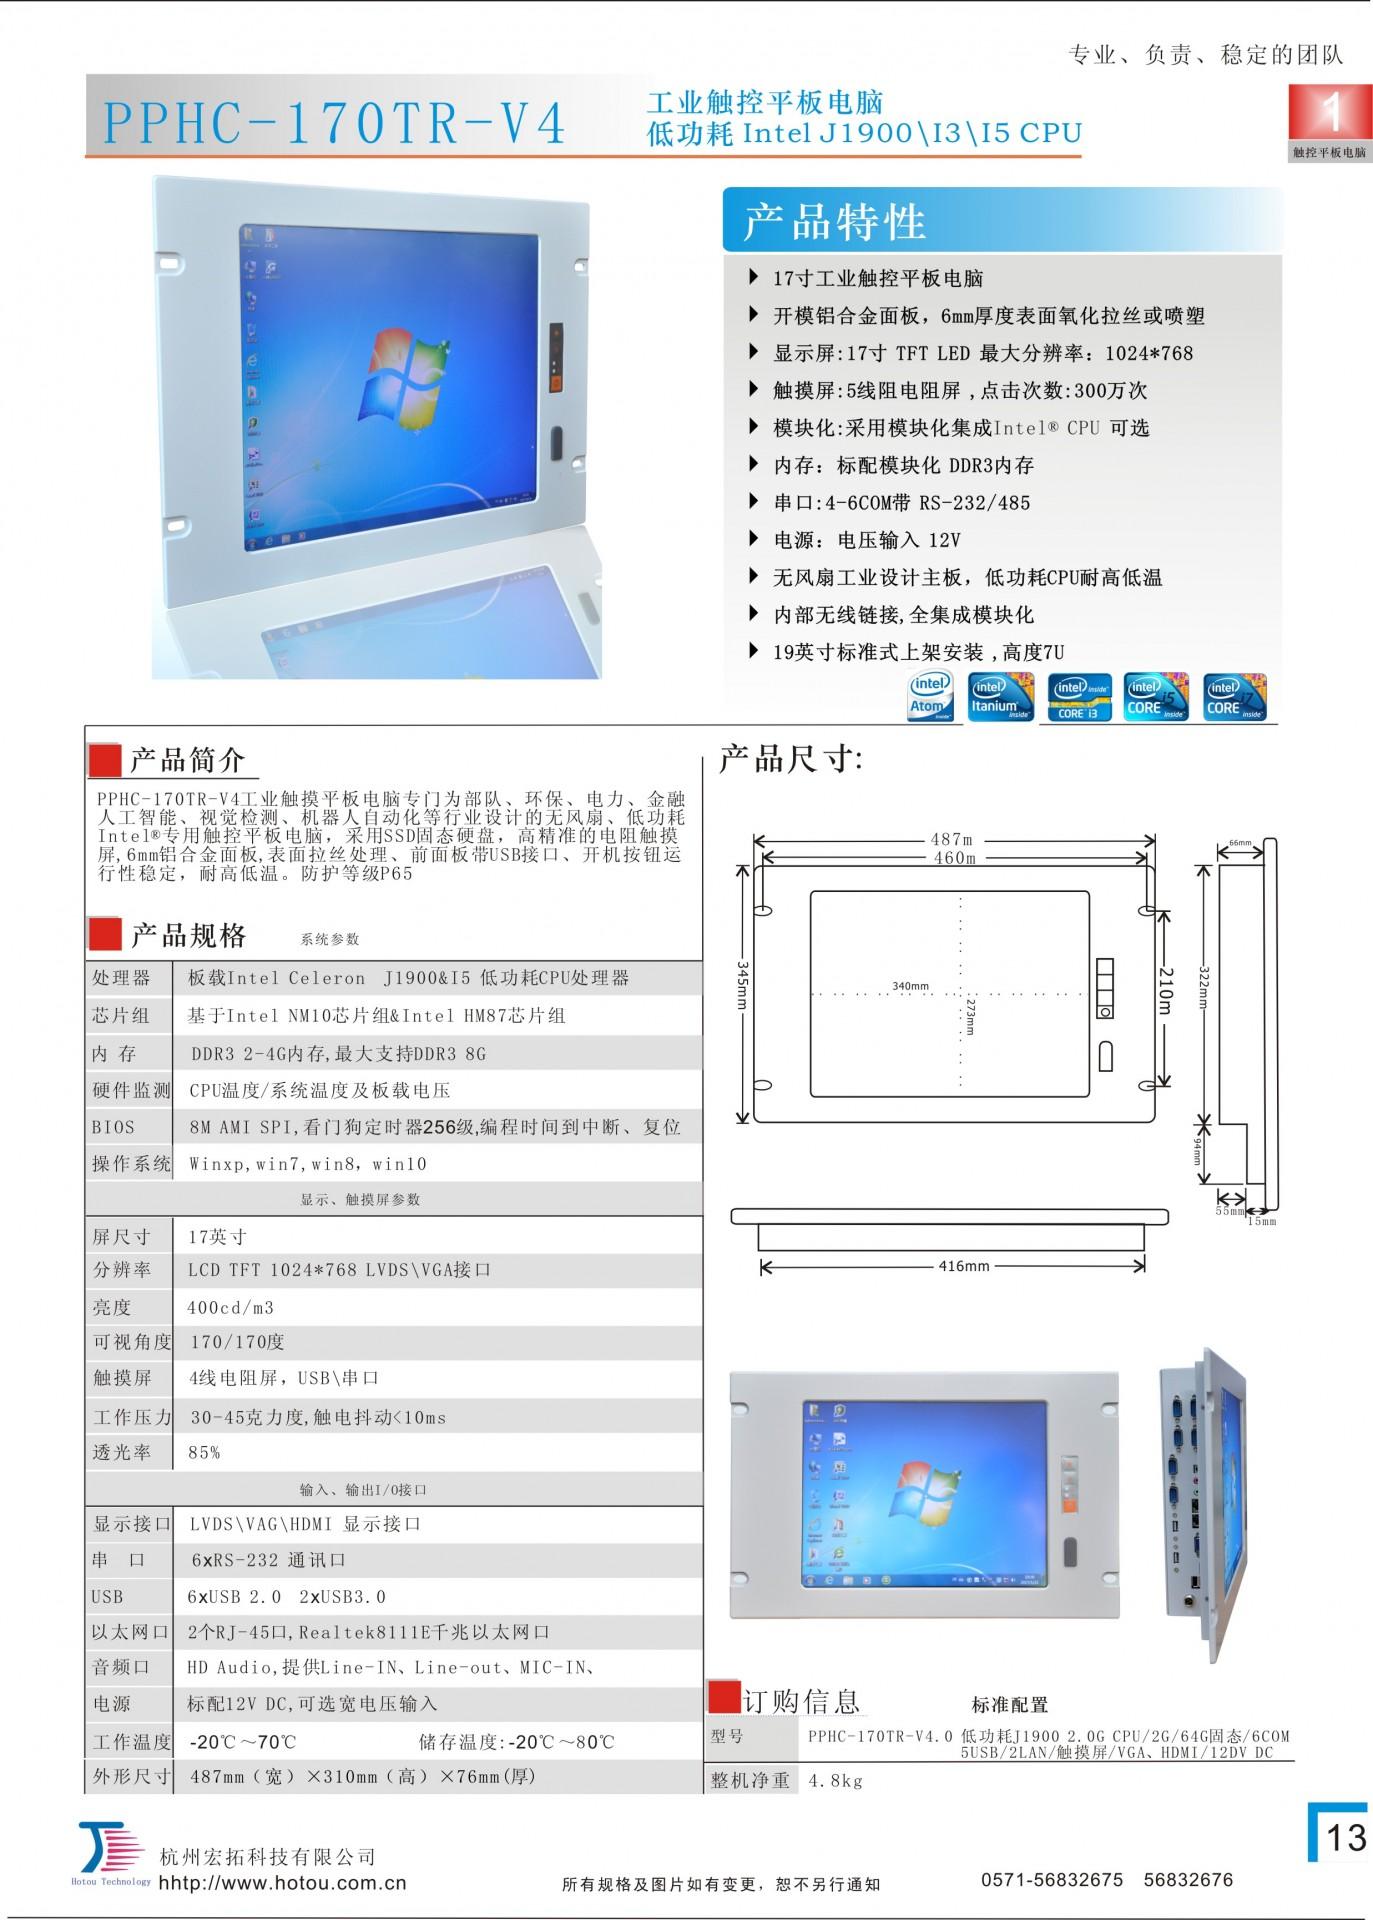 PPHC-170TR-V4.jpg